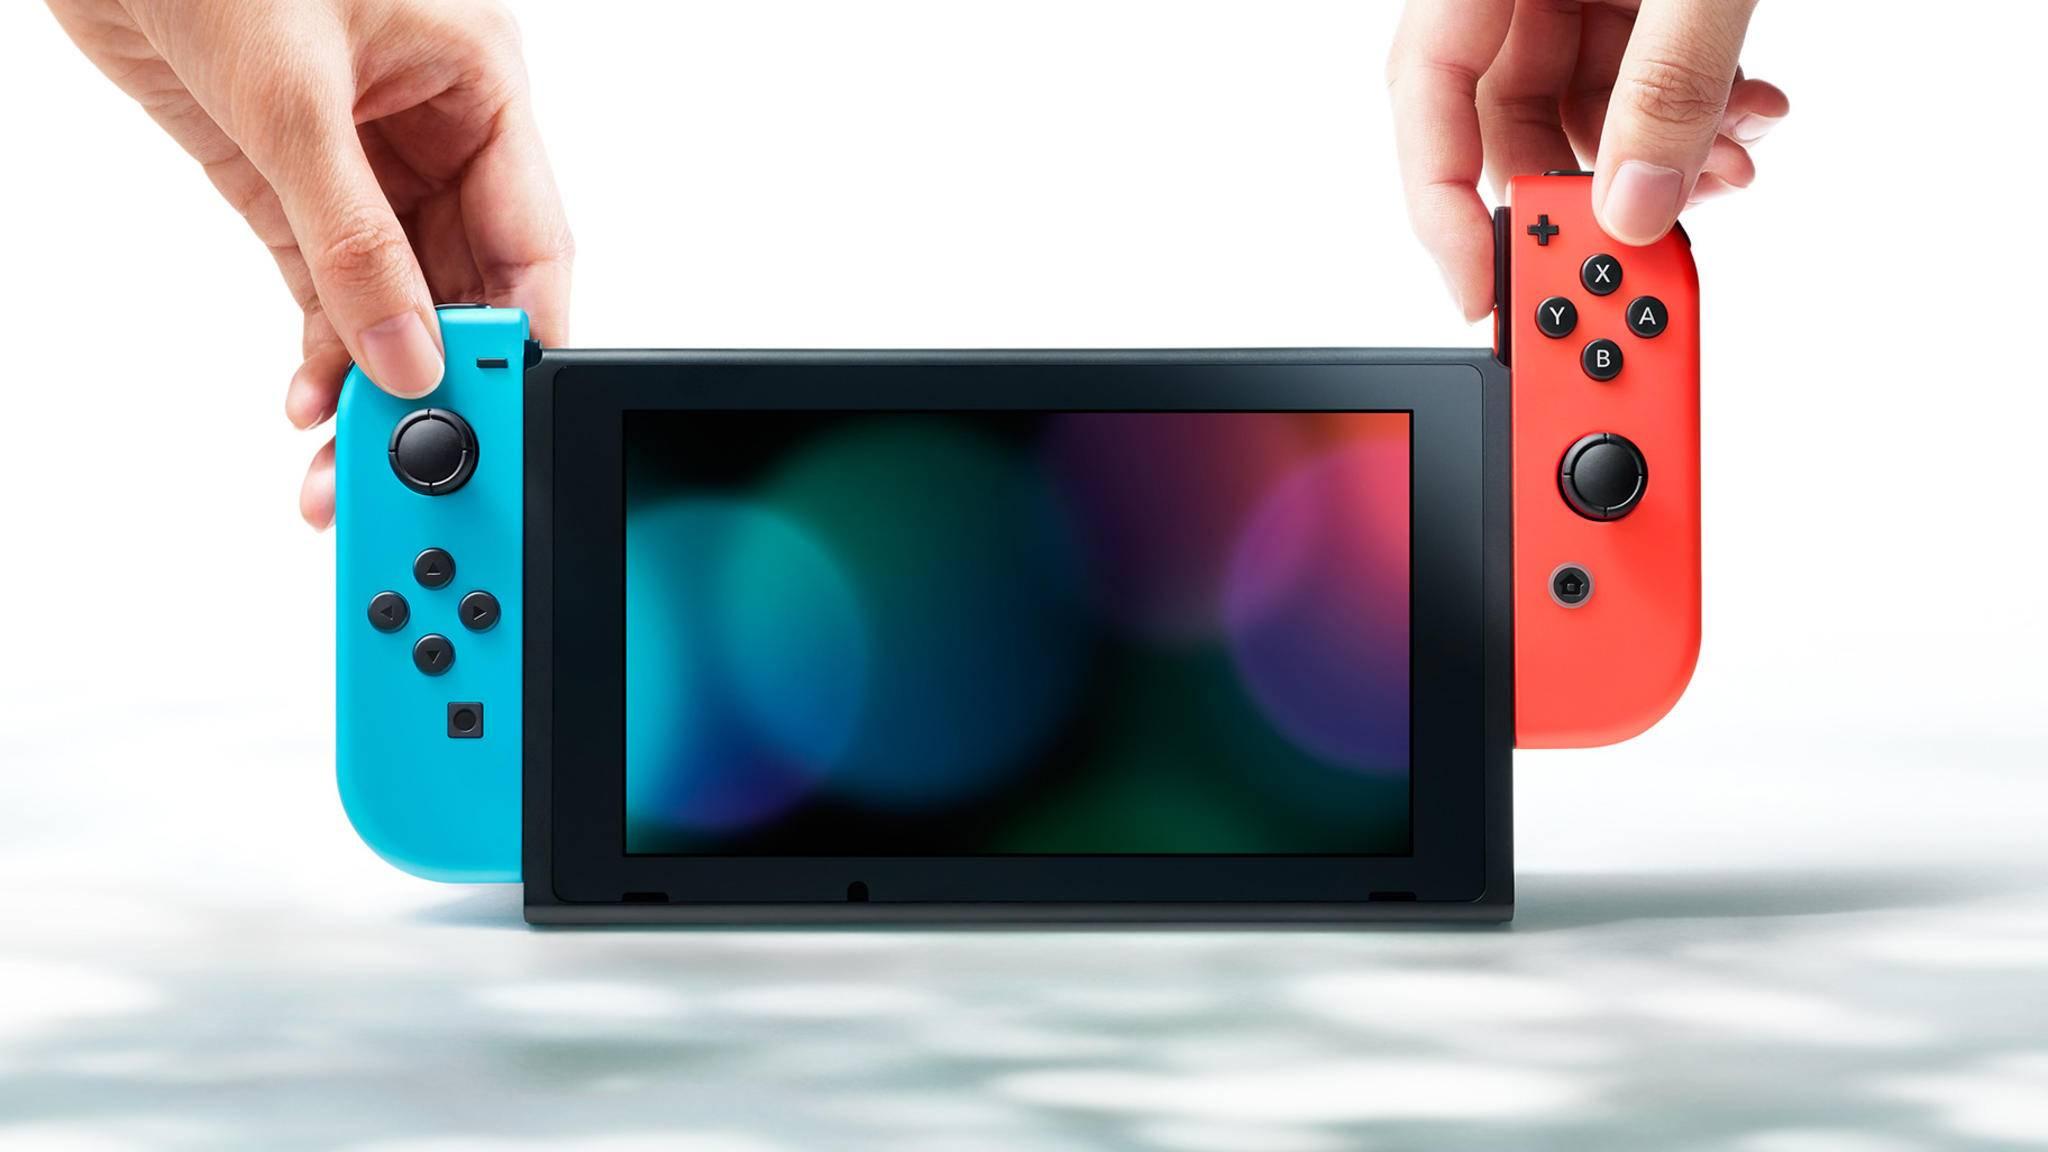 Eine Erfolgsgeschichte: Die Nintendo Switch ackert sich in Japan an die Spitze der Konsolen-Verkaufscharts.